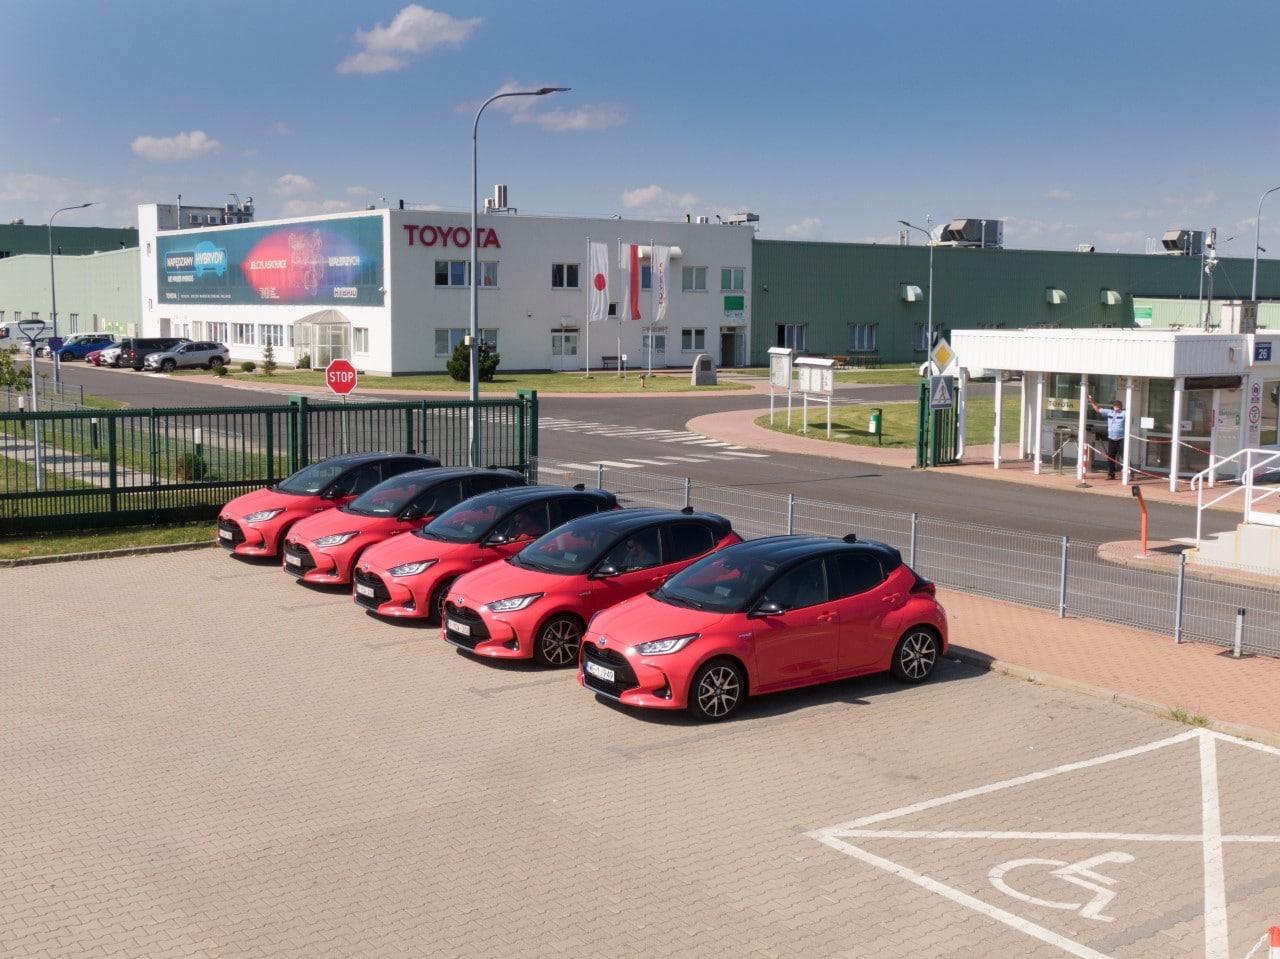 fabryka toyota polska przemysł motoryzacyjny (7)